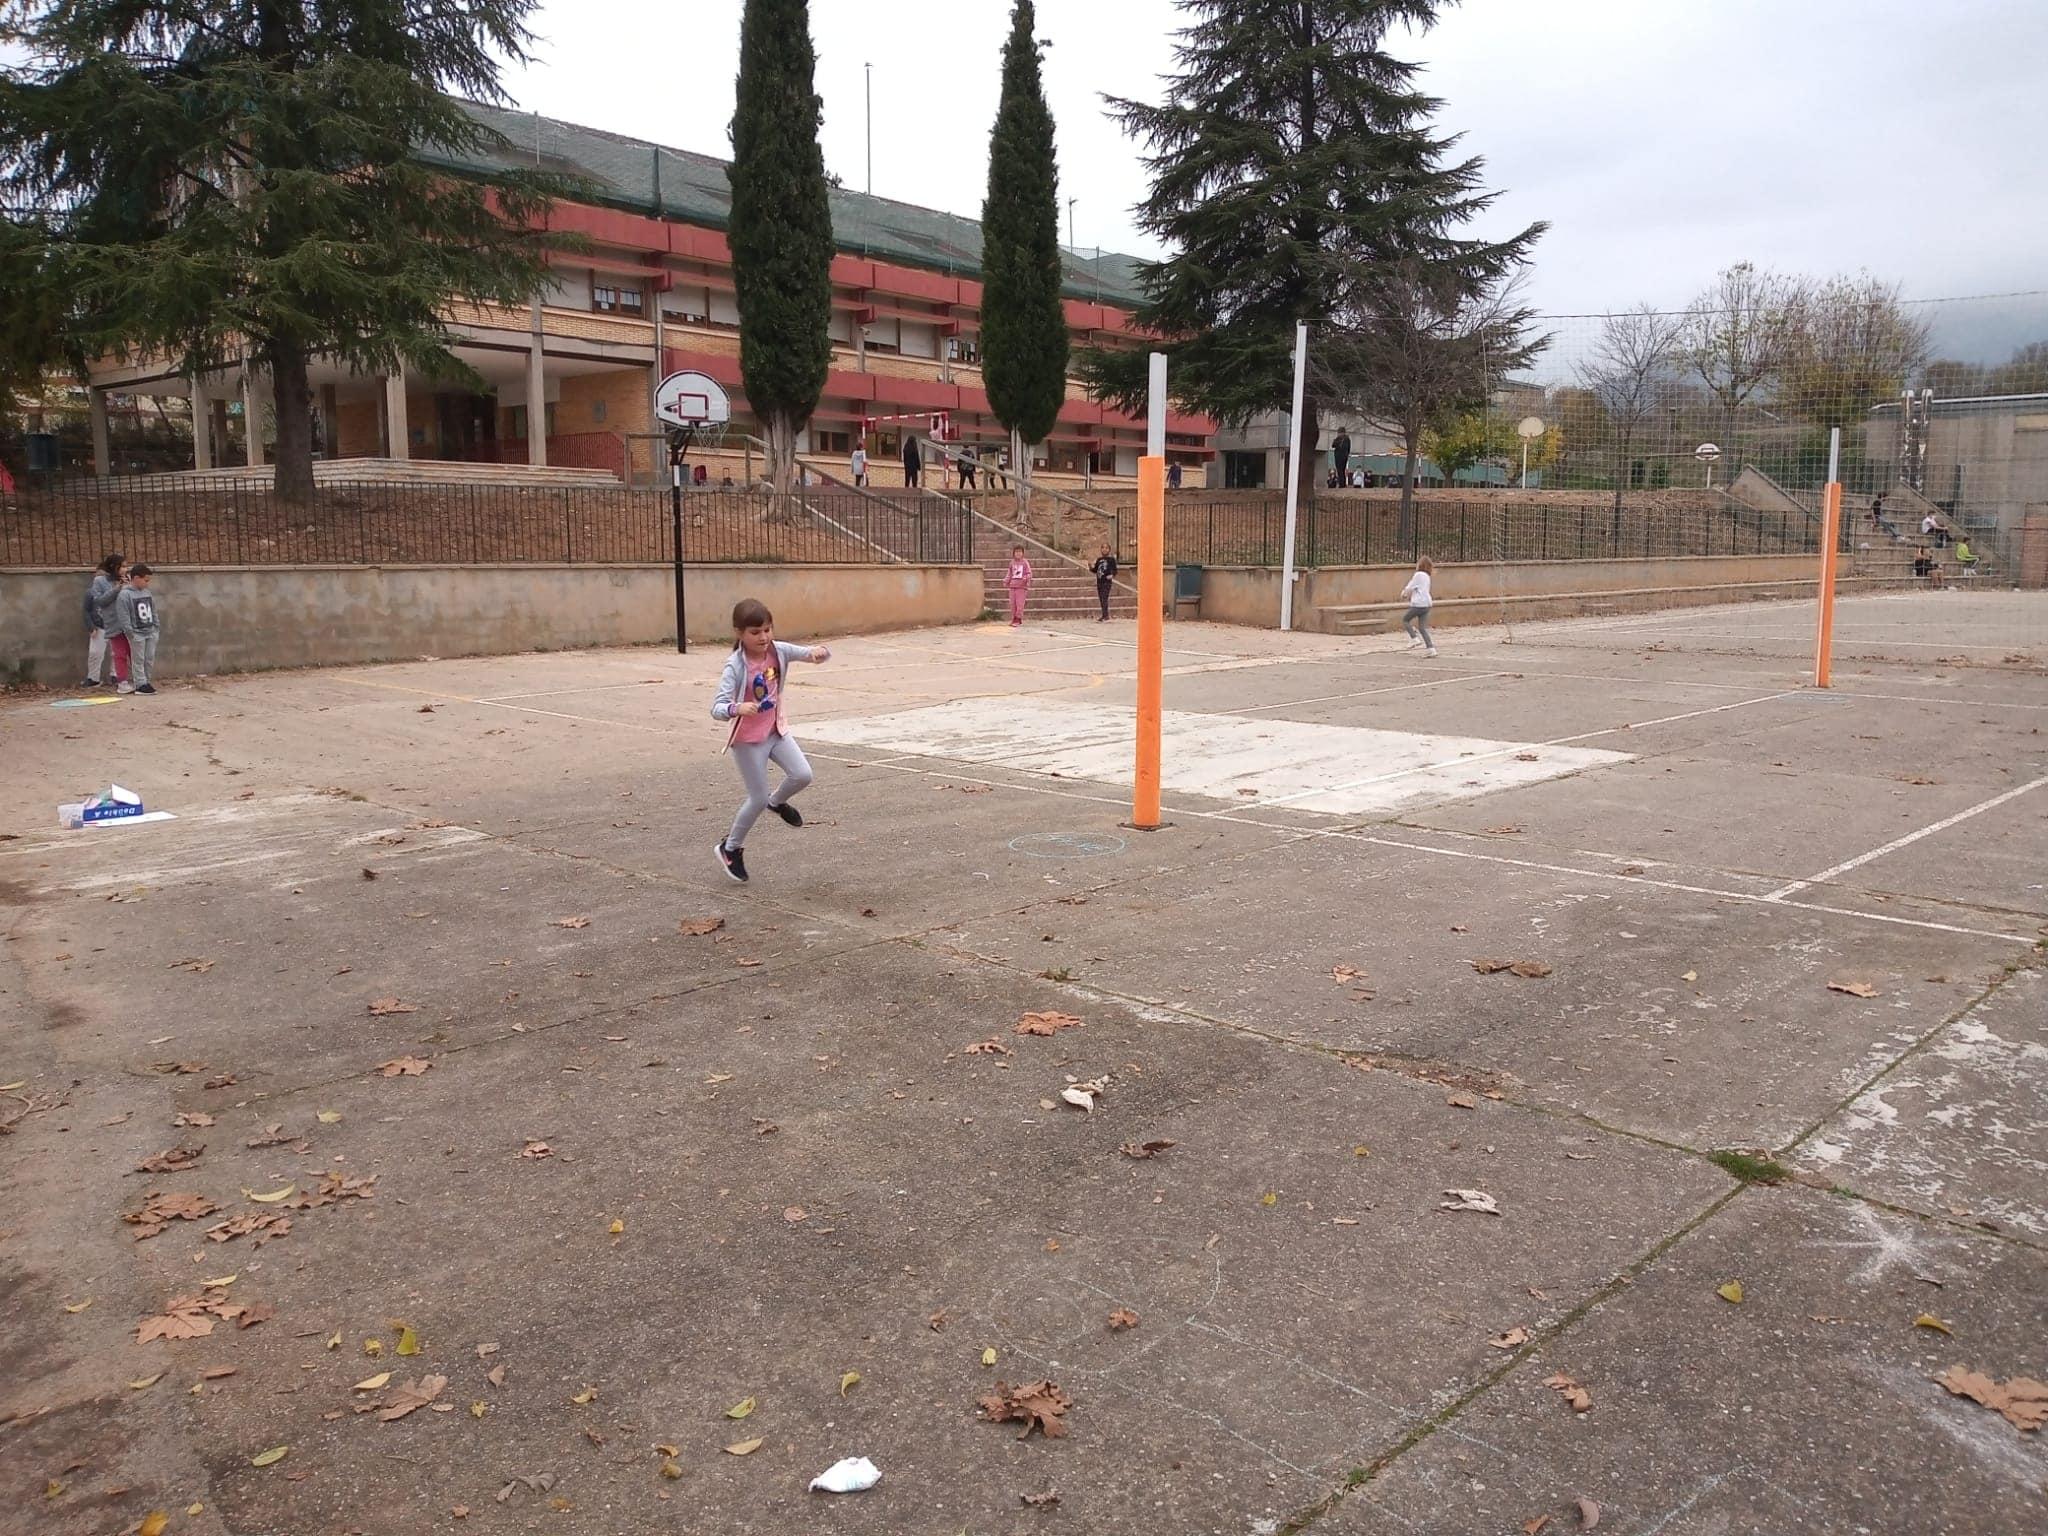 Nous confinaments de grups escolars: dos de l'escola Sant Jordi d'Oliana i un altre de La Salle